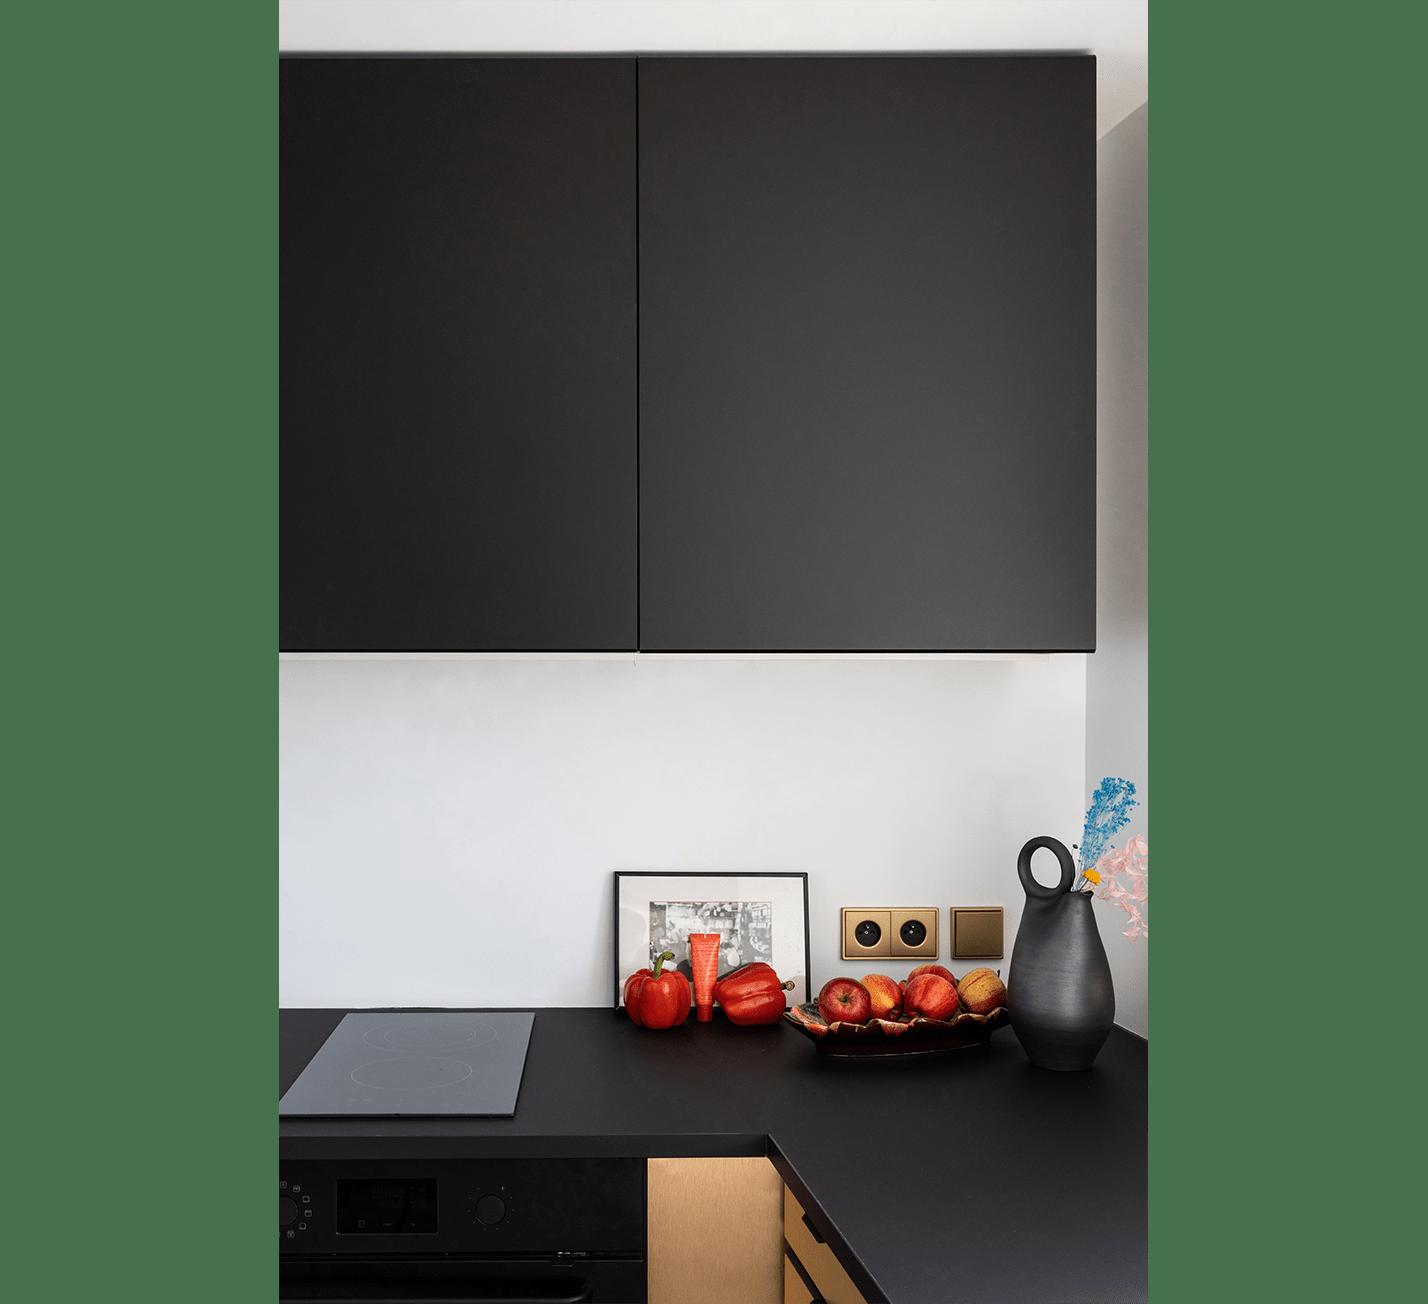 Projet-Gabriel-Atelier-Steve-Pauline-Borgia-Architecture-interieur-04-min